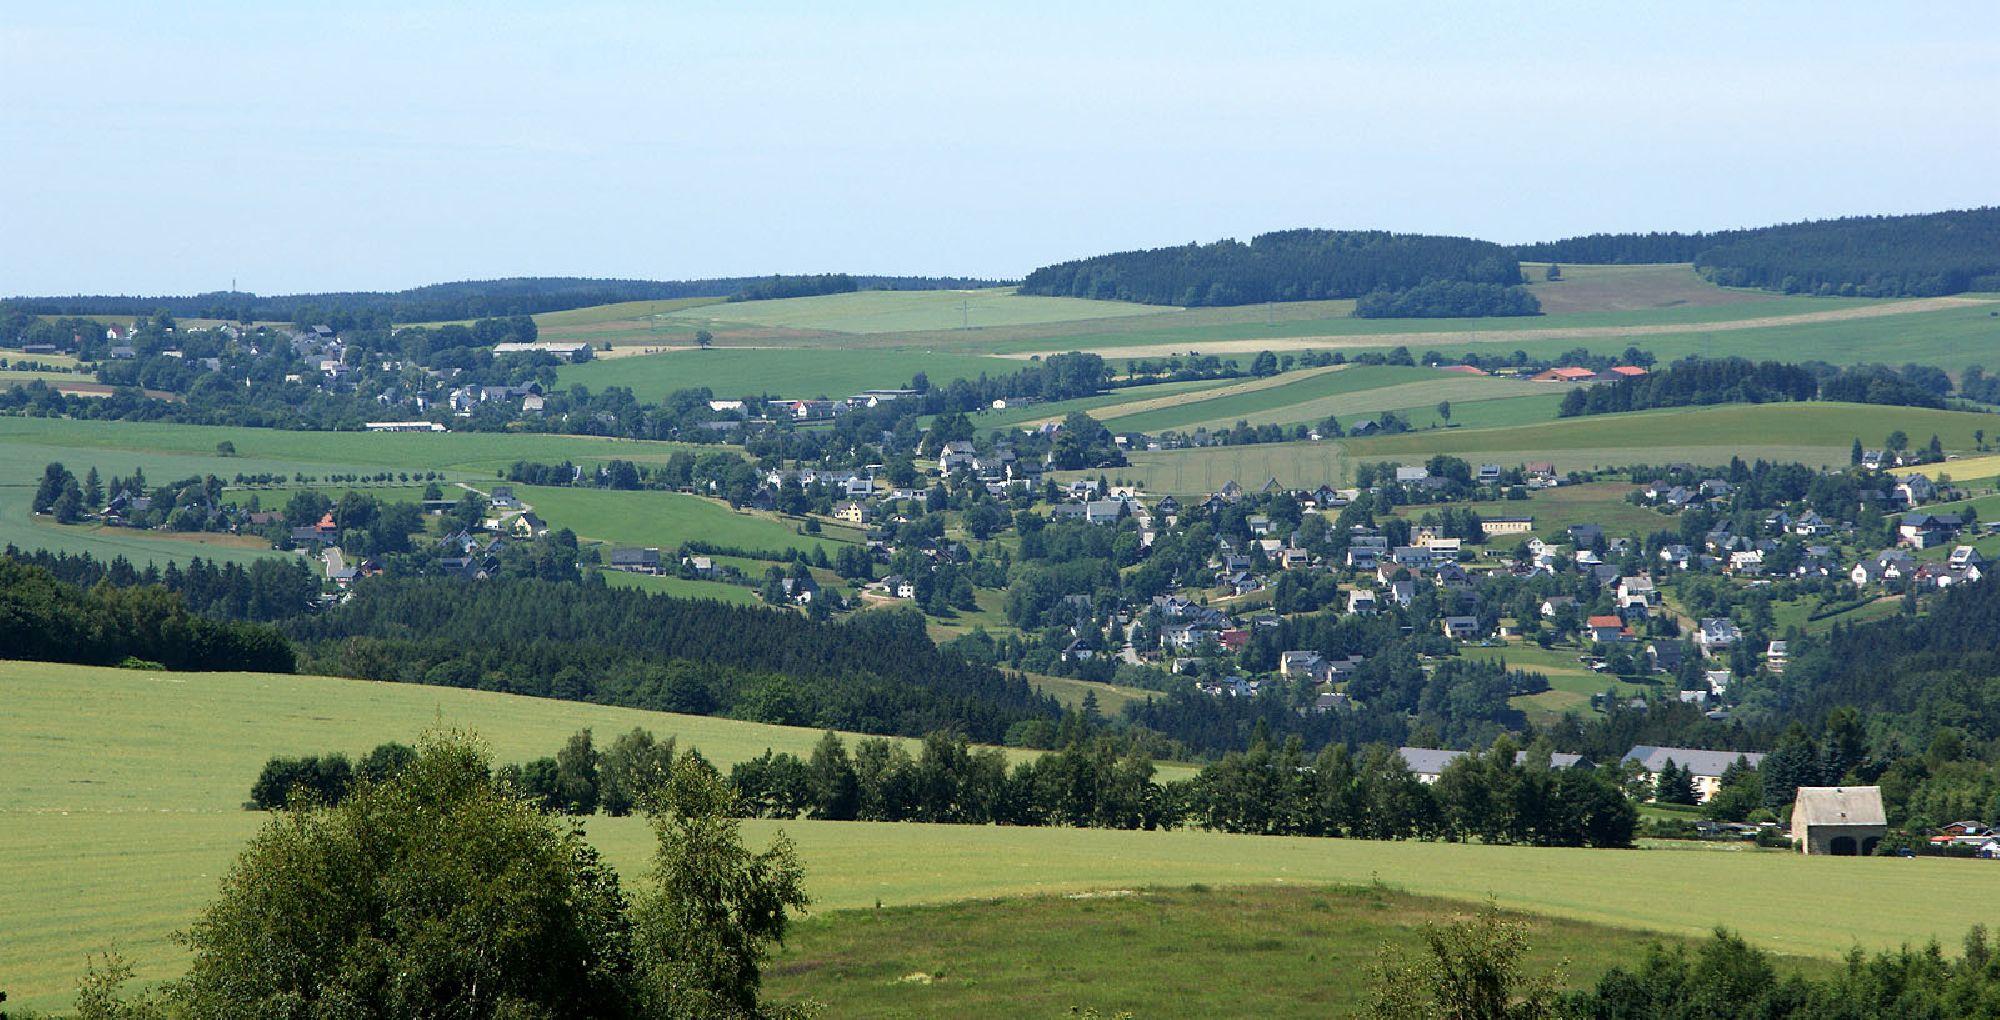 Ansprung - Stadtteil von Marienberg